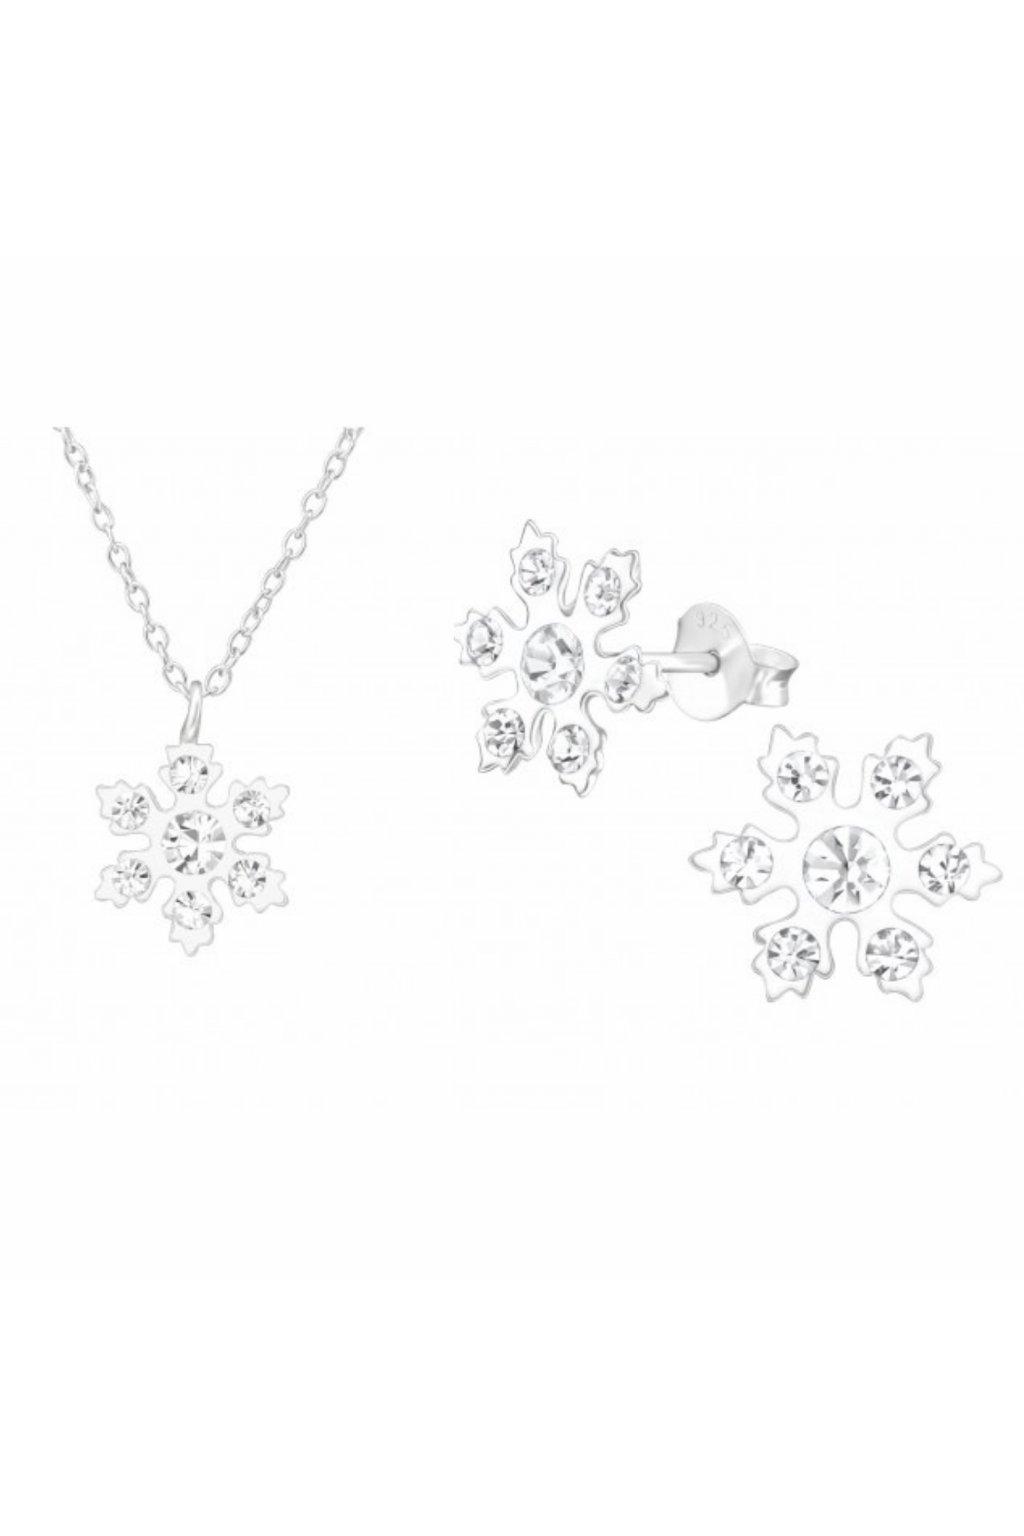 Stříbrný dětský set sněhová vločka - náušnice, náhrdelník